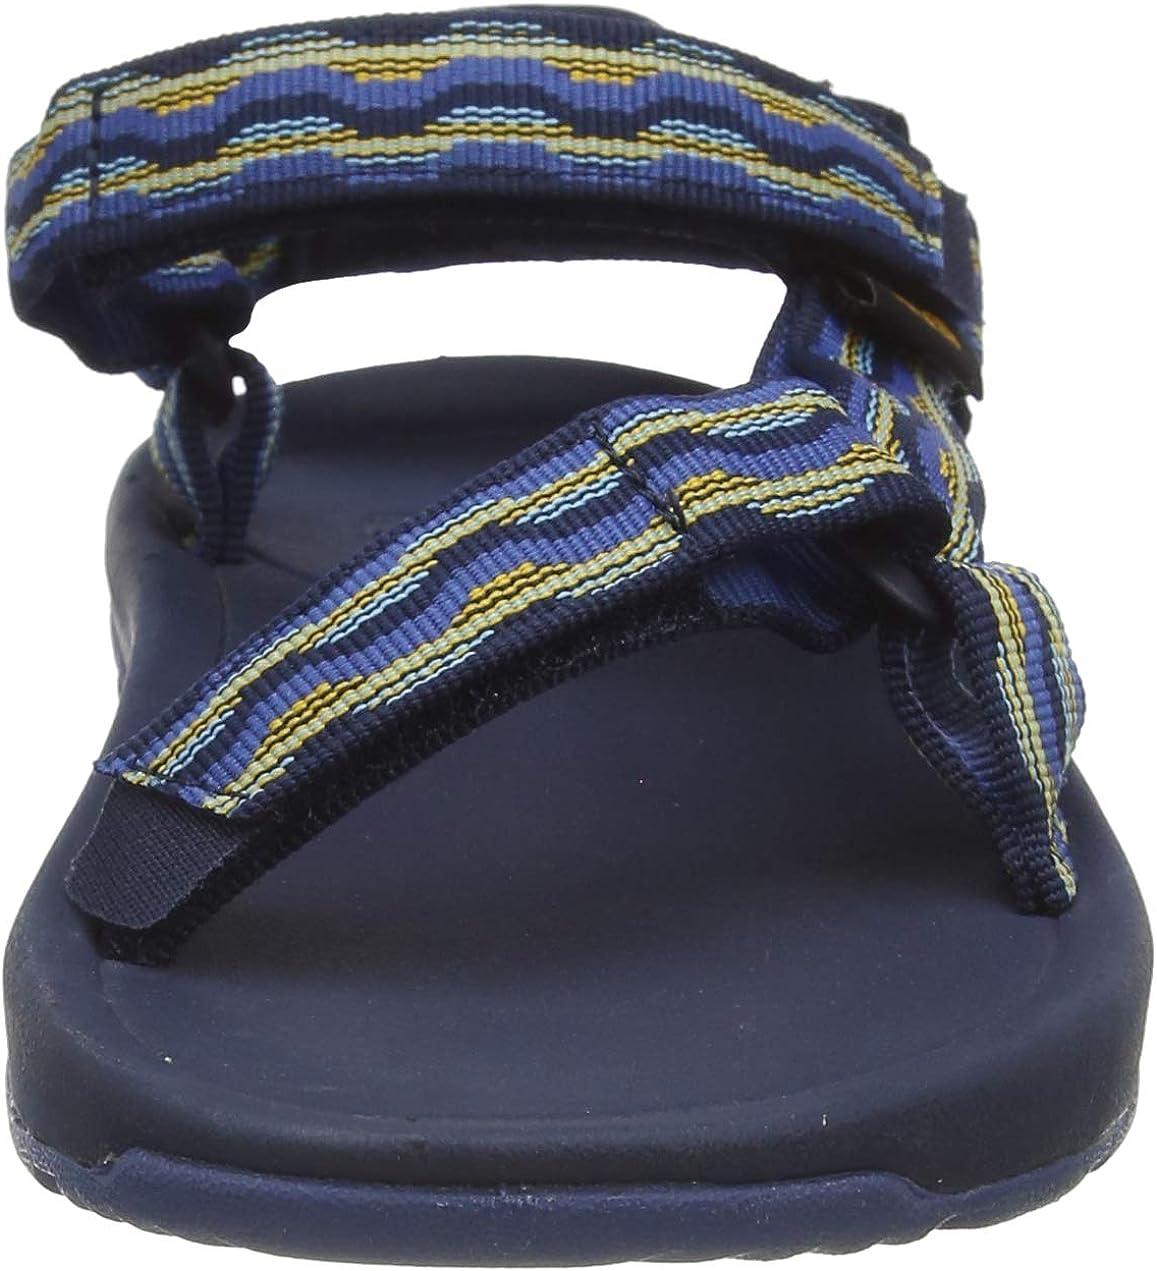 Teva Unisex-Child Y Hurricane XLT 2 Sandal